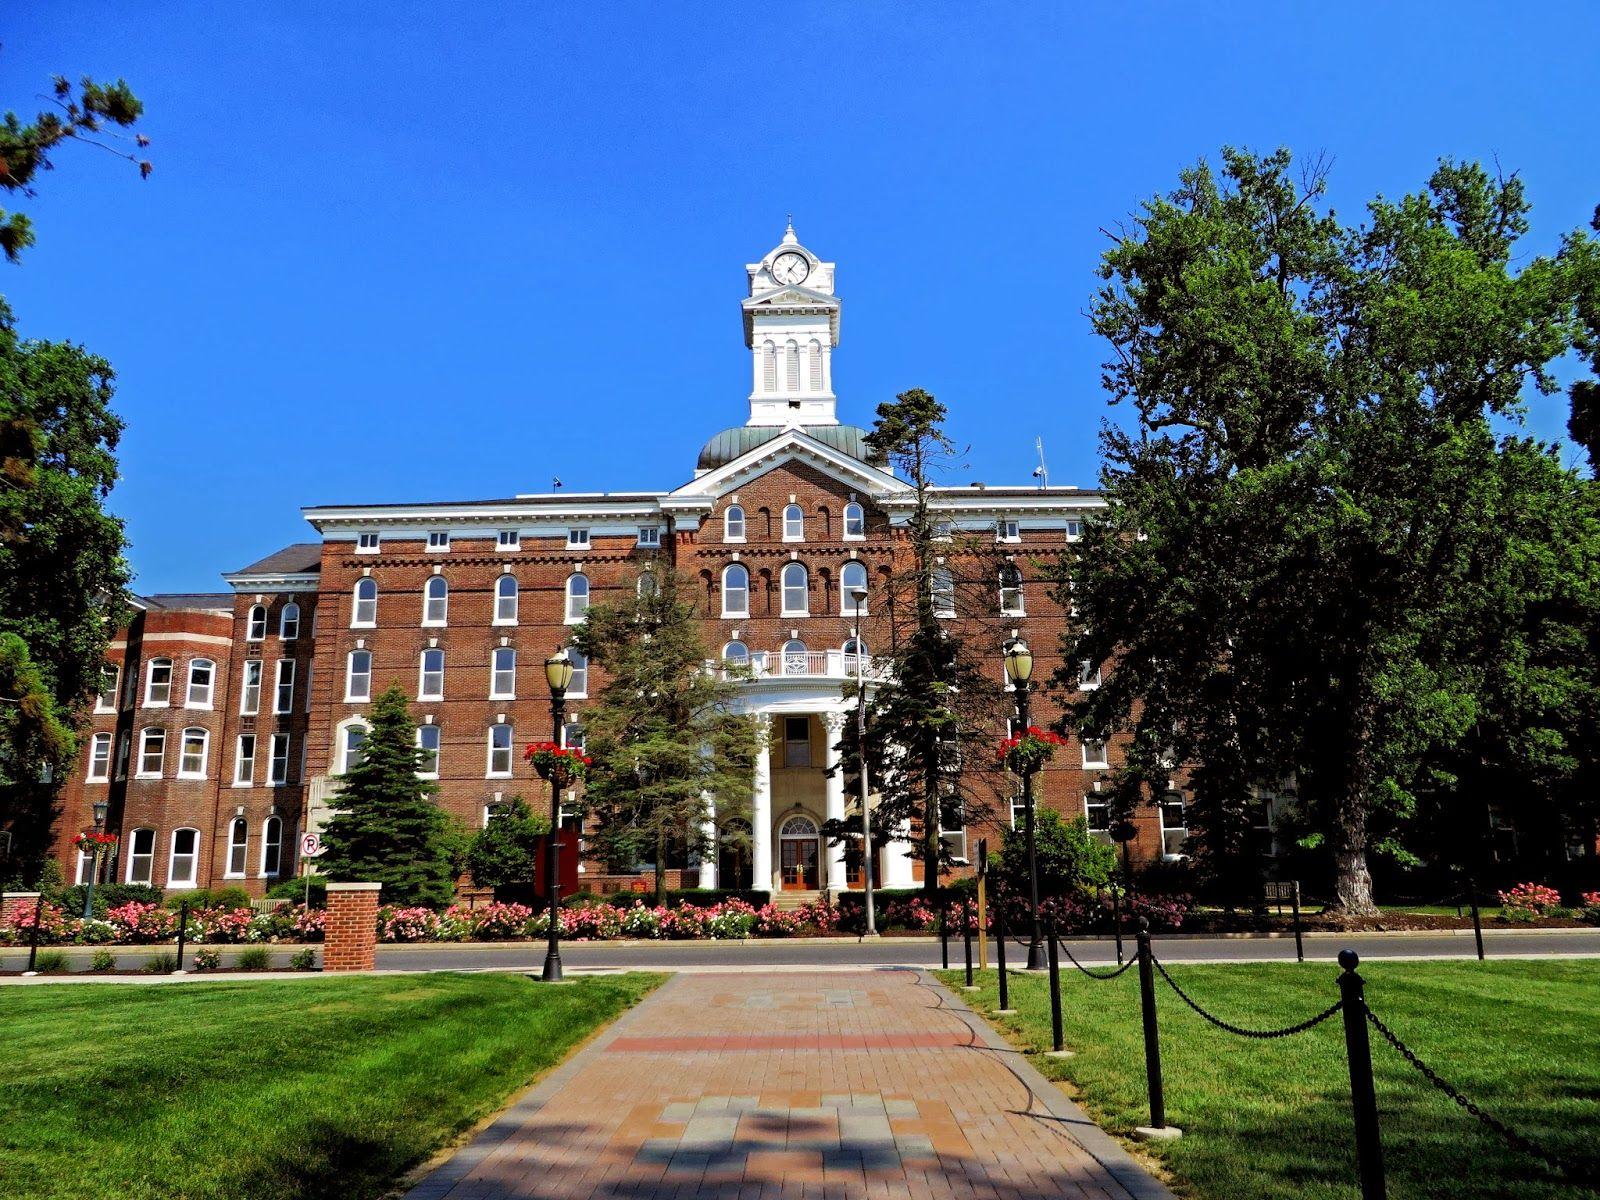 Kutztown University Of Pennsylvania >> Kutztown University Kutztownu Kutztown In 2019 Kutztown